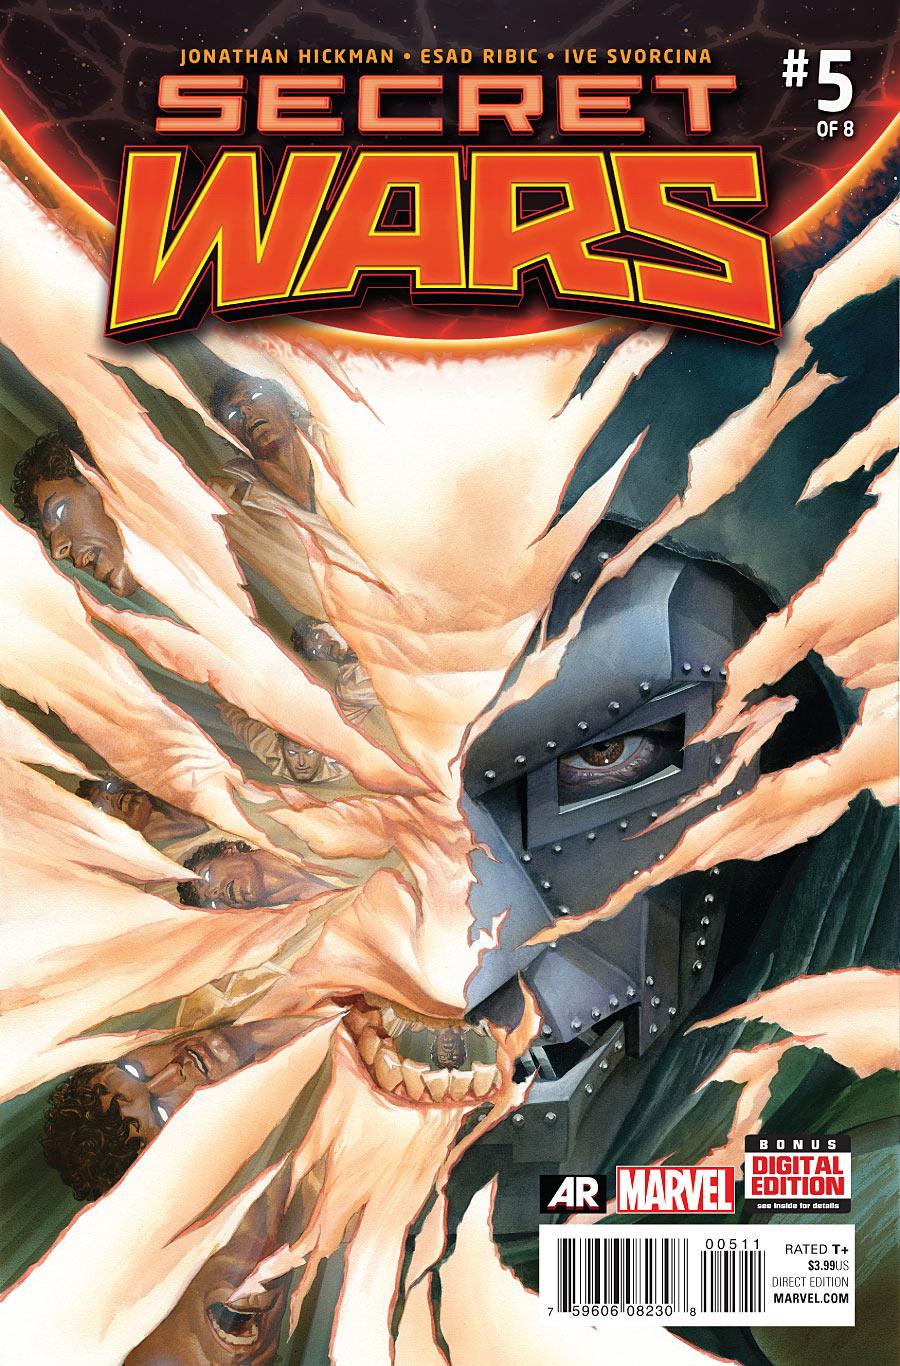 Secret Wars #5, cover